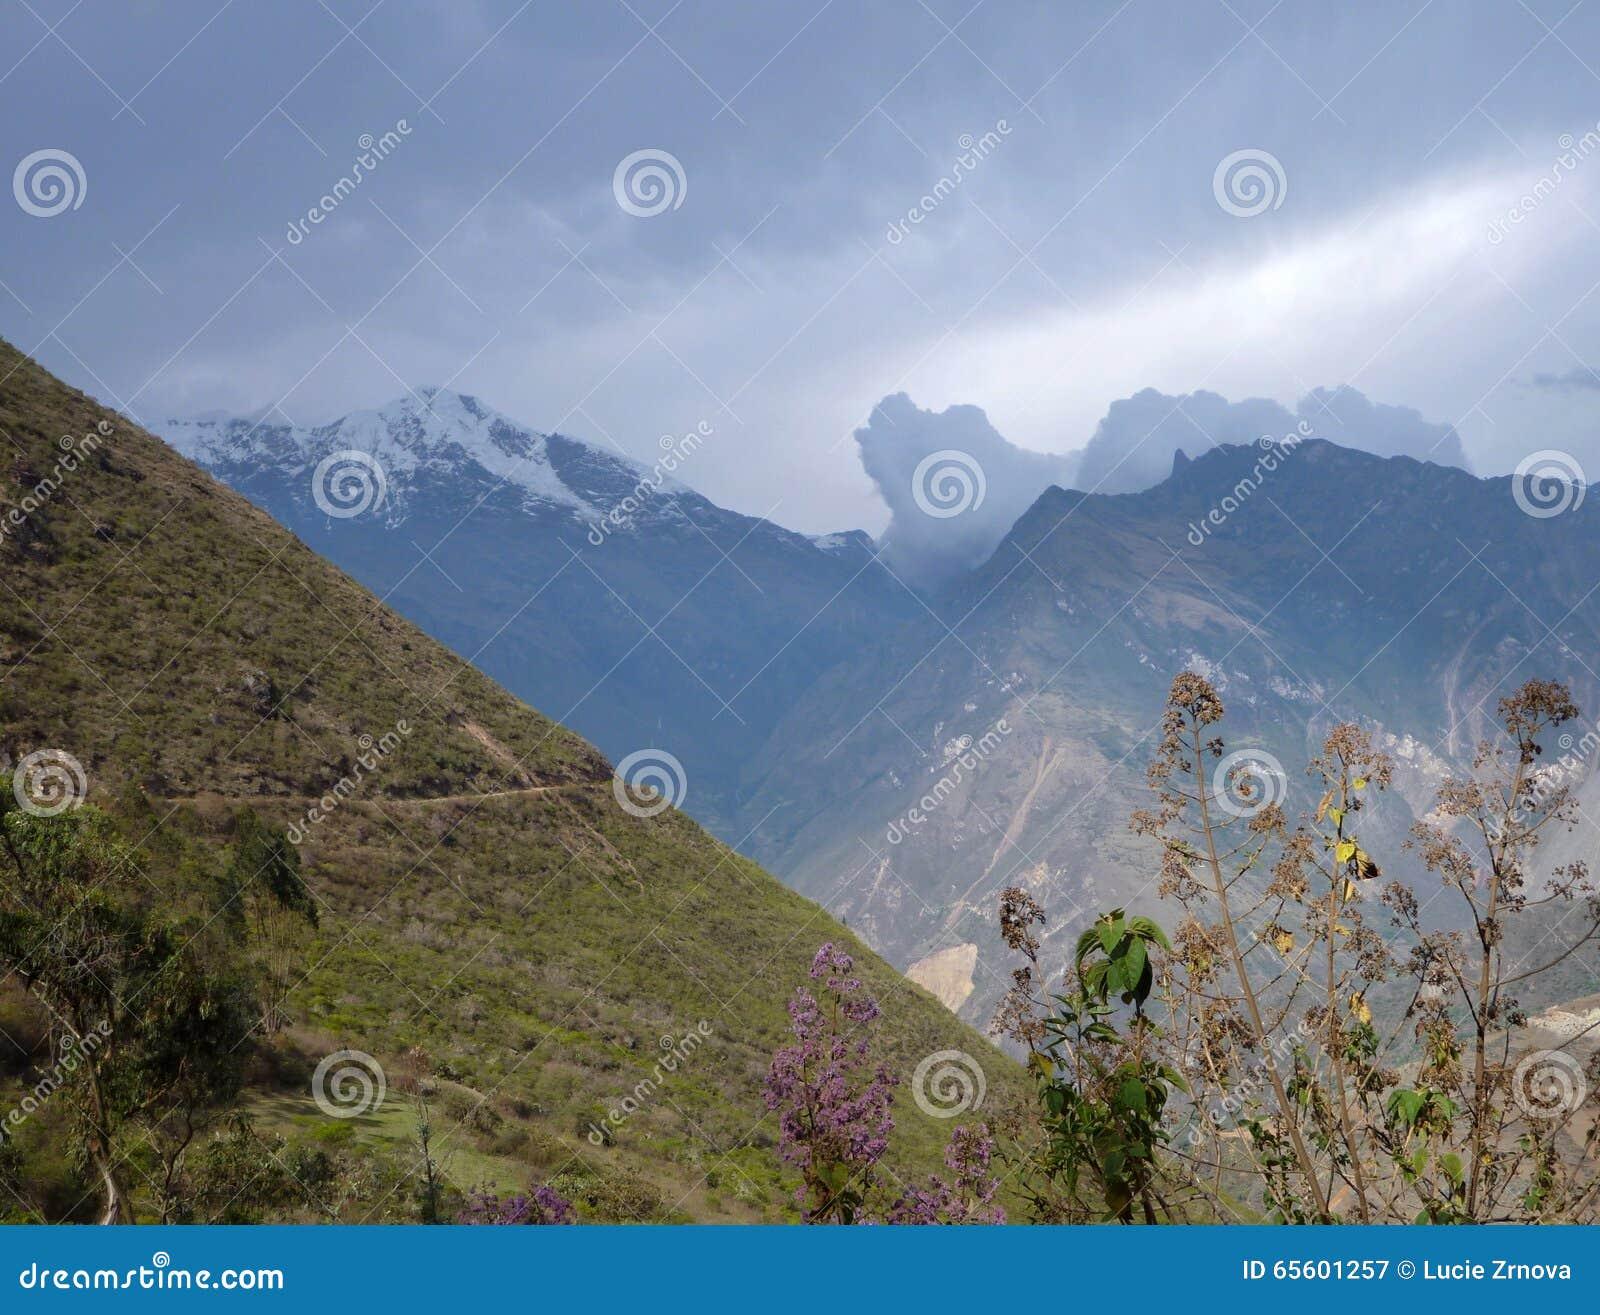 Διαδρομή της οδοιπορίας choquequirao στο Περού